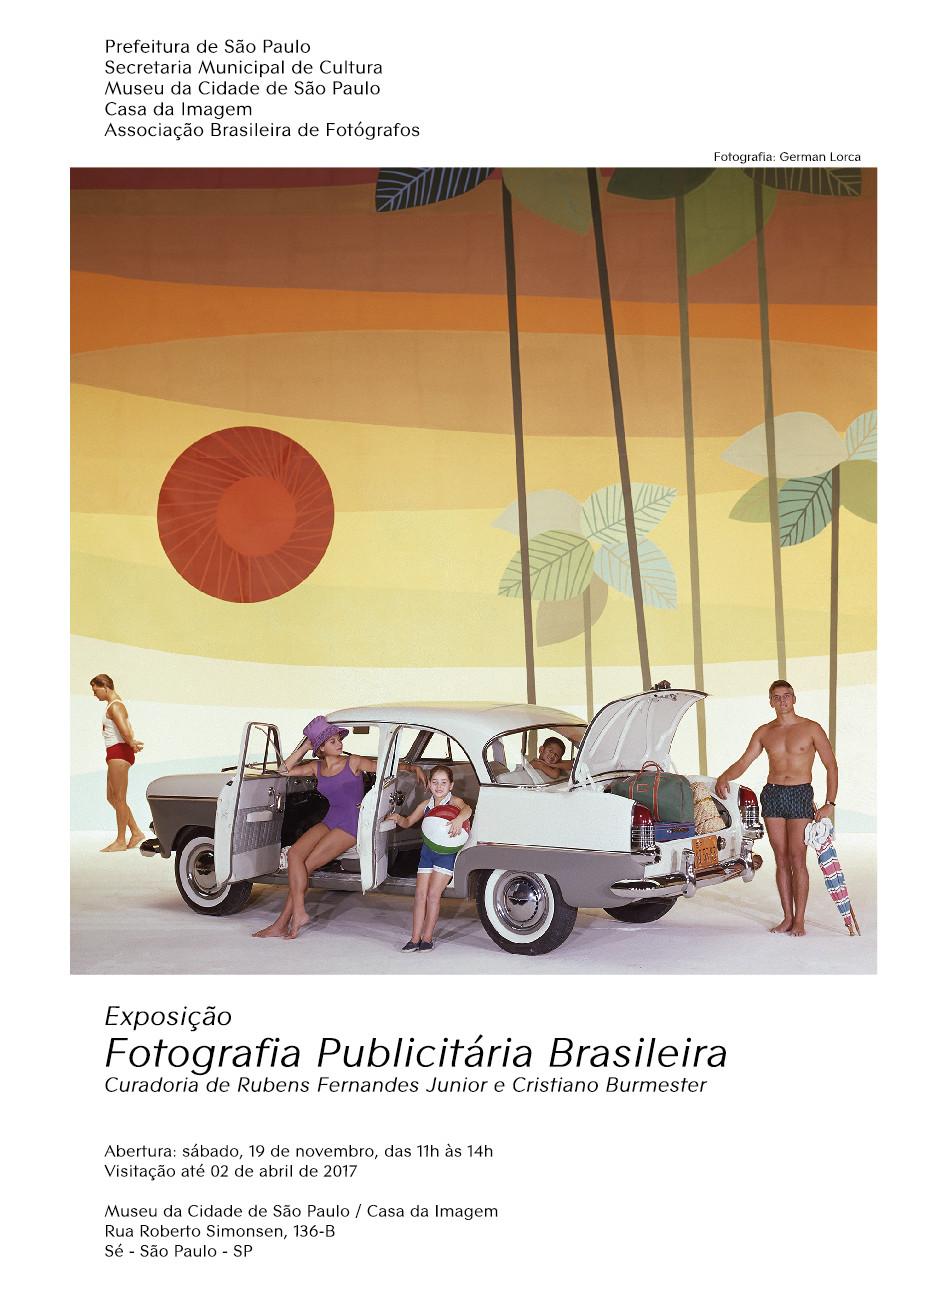 exposia a o fotografia publicitaria brasileira